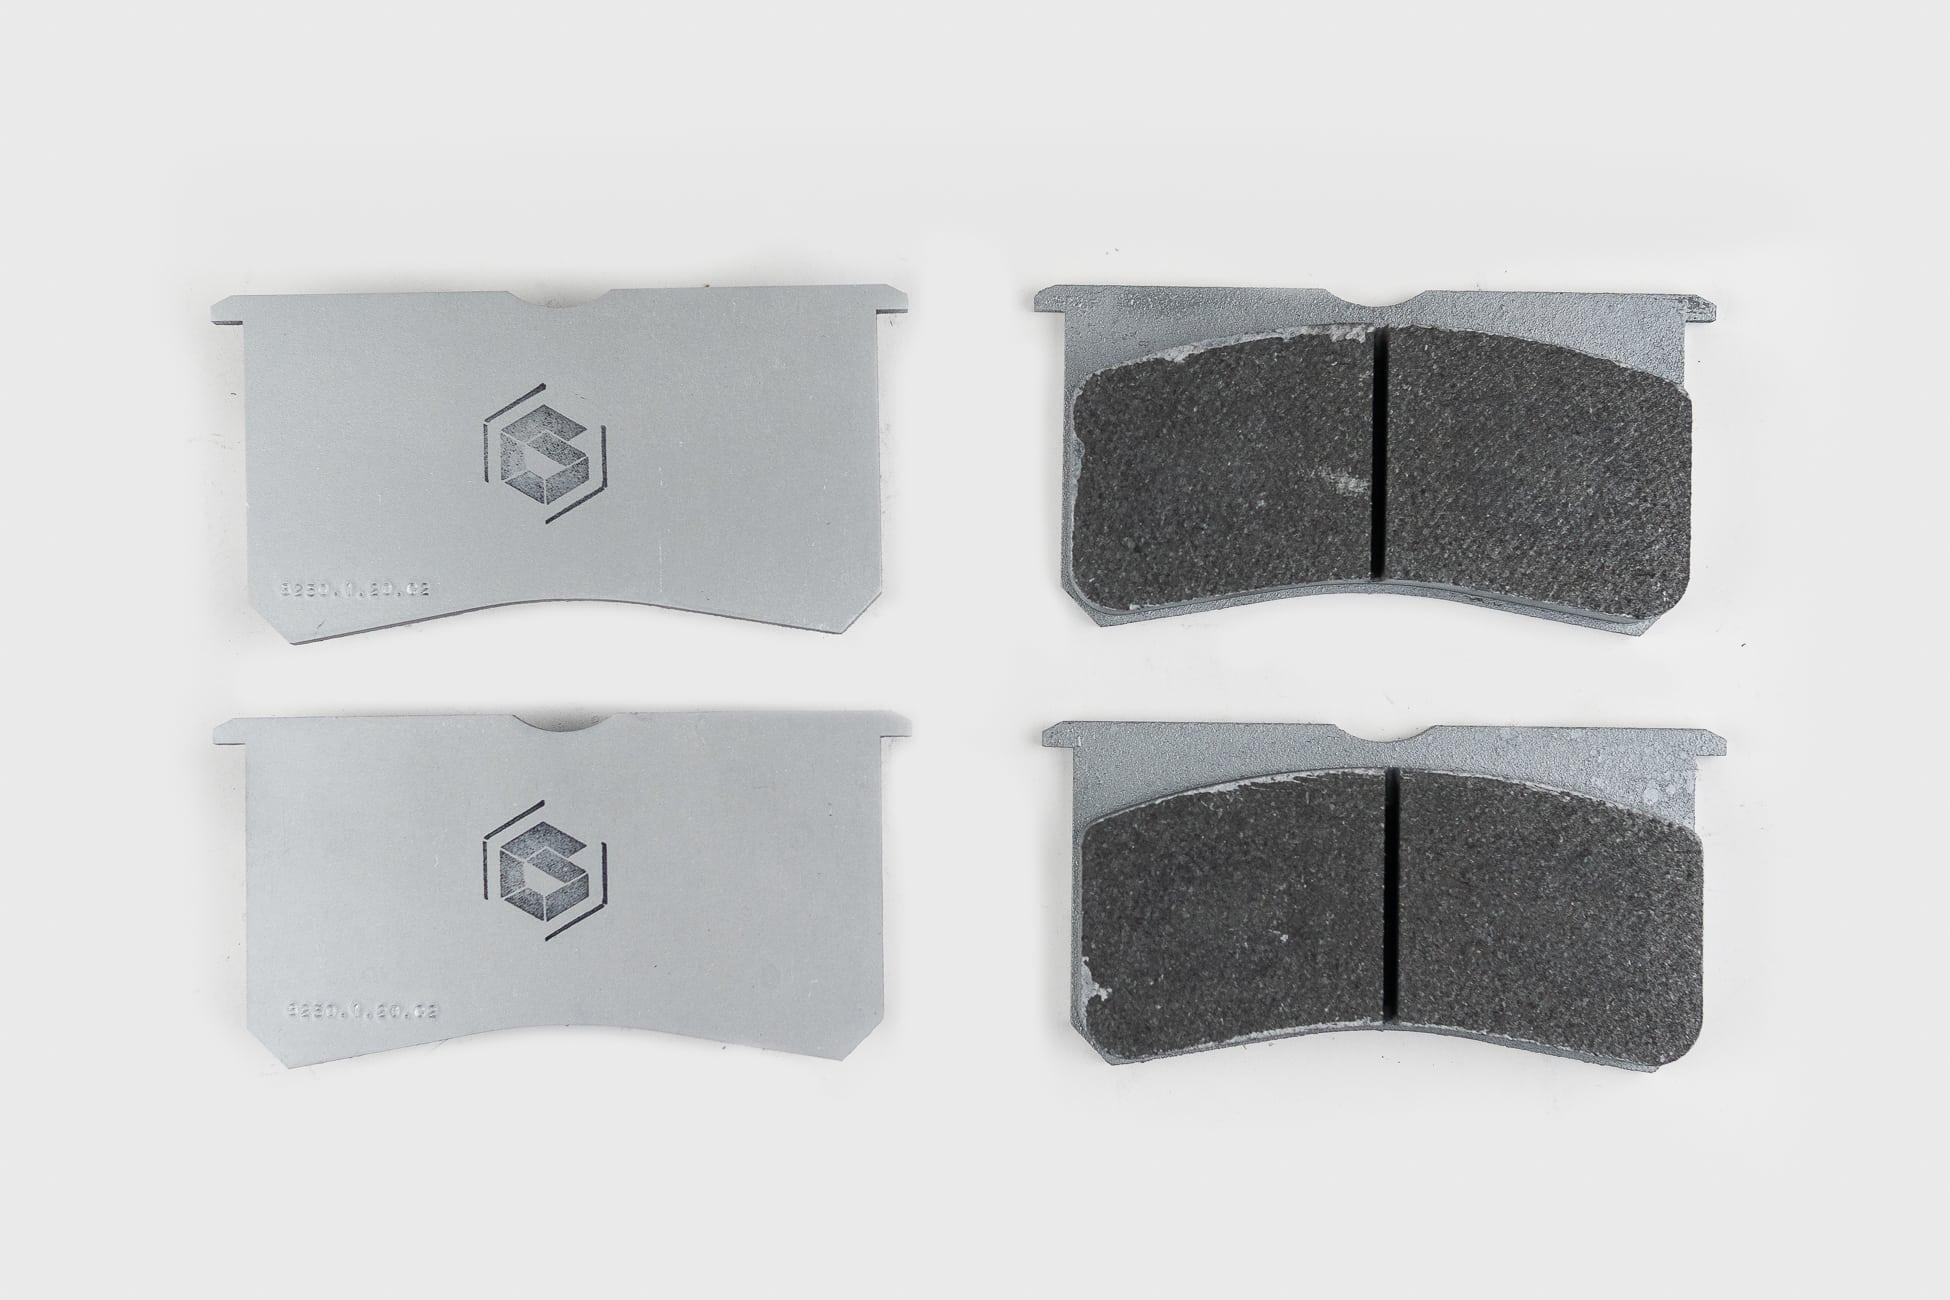 CSG Spec C2 Brake Pad